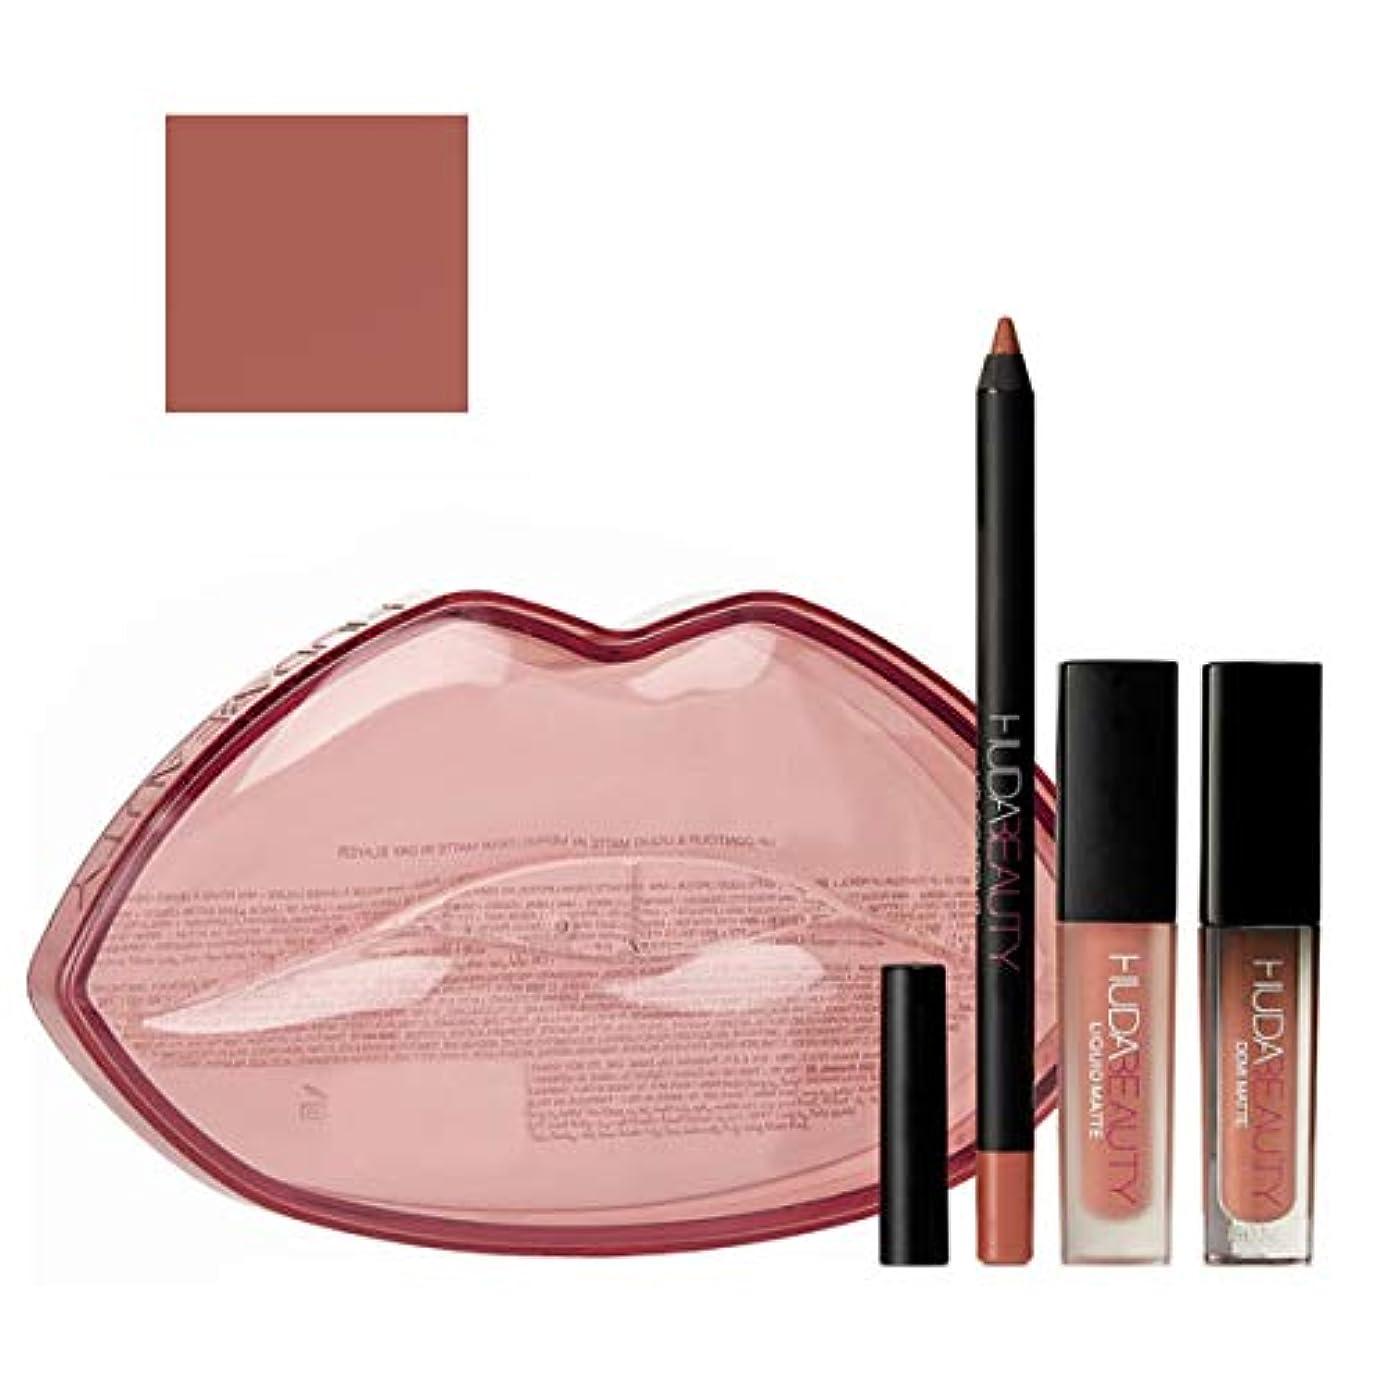 ニッケル思想いくつかのHUDA BEAUTY 限定版 Demi Matte & Cream Lip Set - Mogul & Bombshell [海外直送品] [並行輸入品]